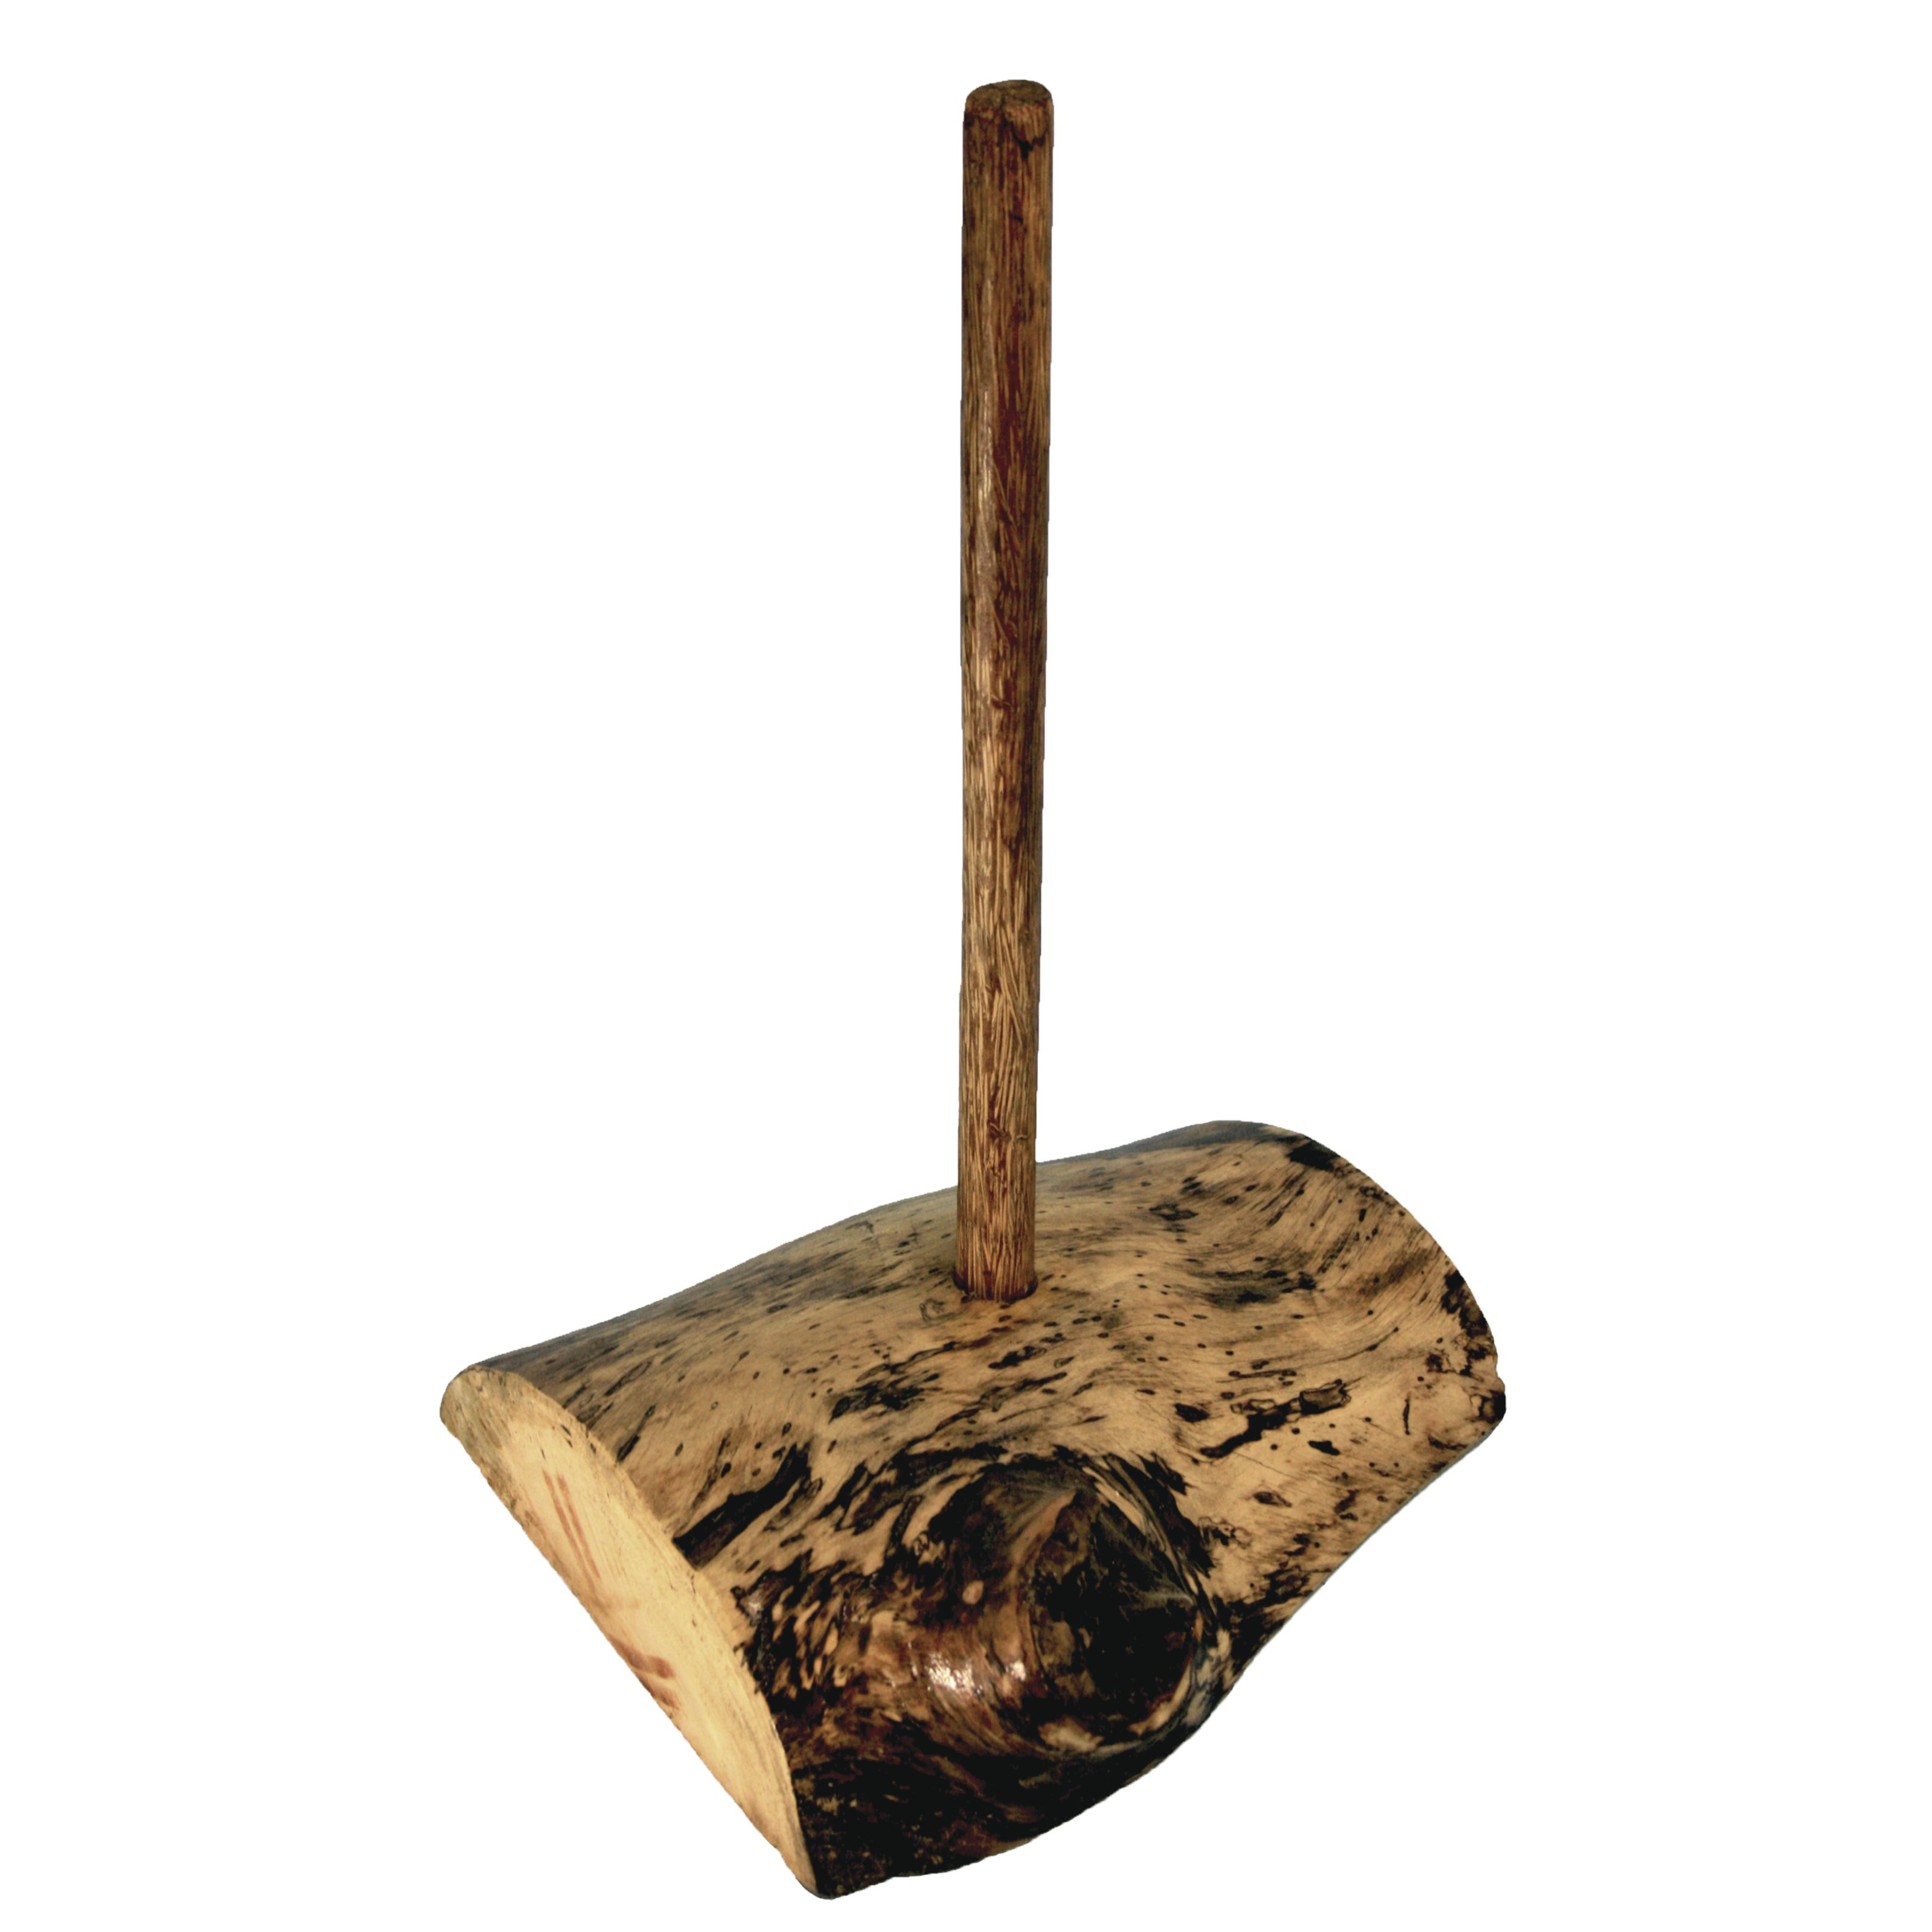 Terré - Didgeridooständer für 1 Didge , Wurzelholz 38000111